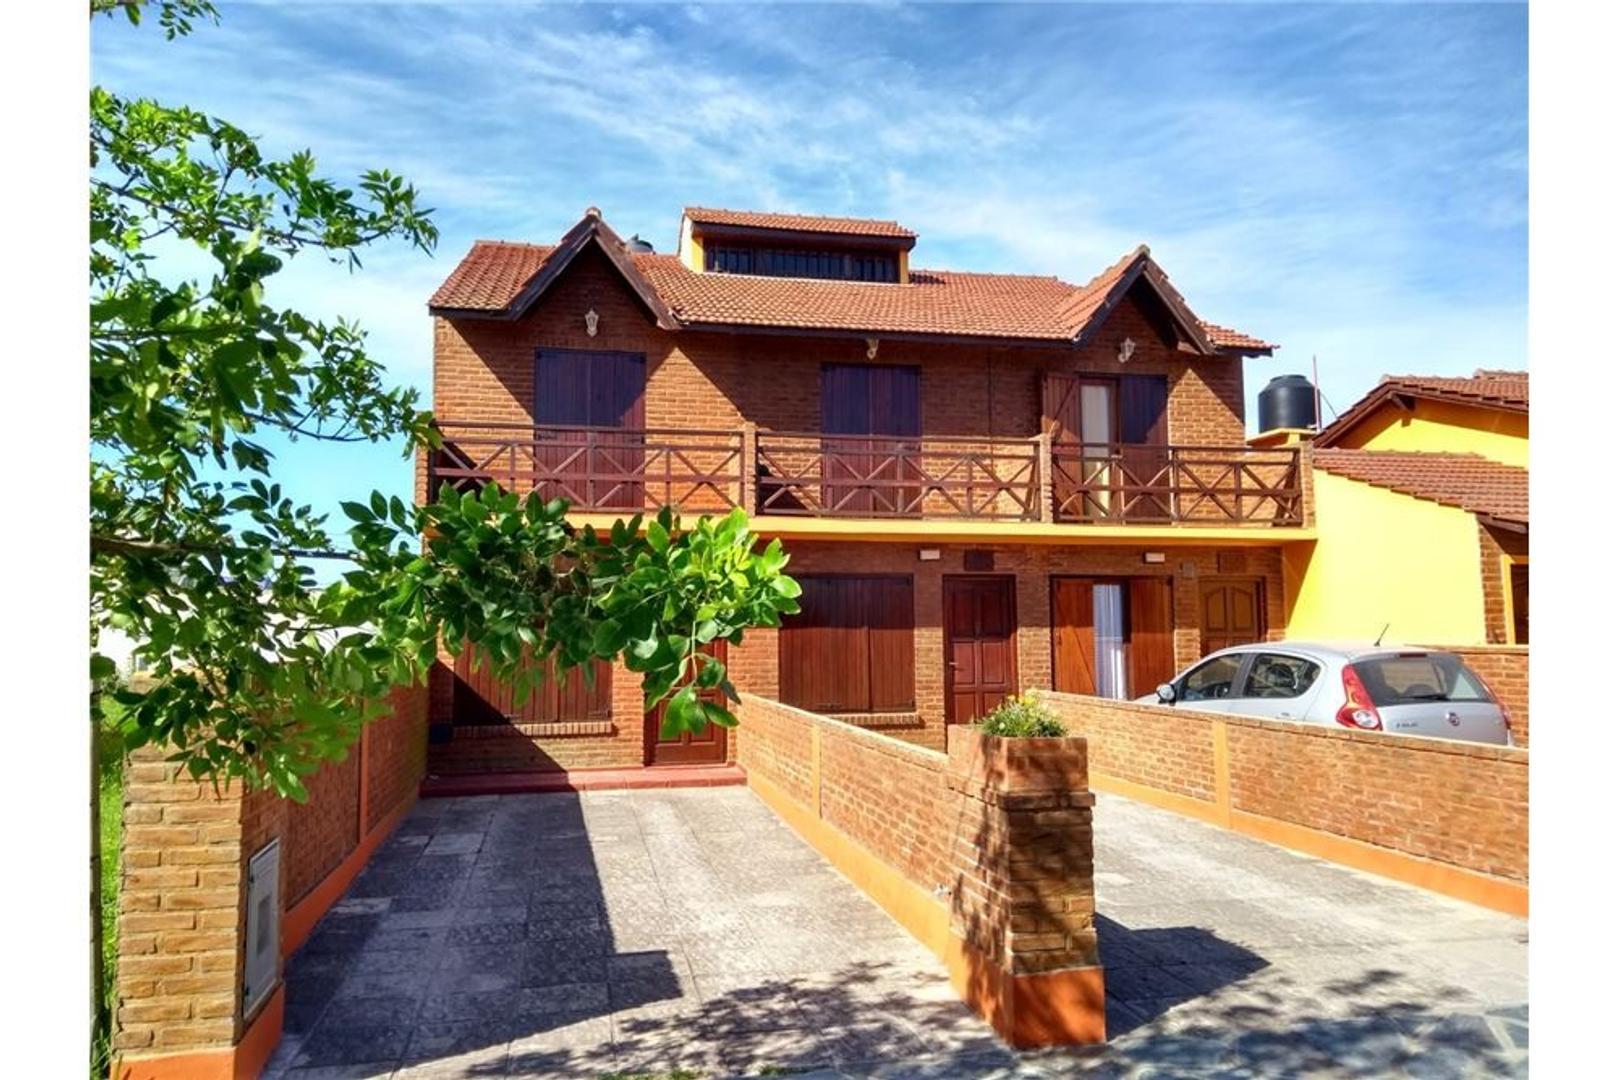 Casa en Venta en Santa Clara Del Mar - 9 ambientes